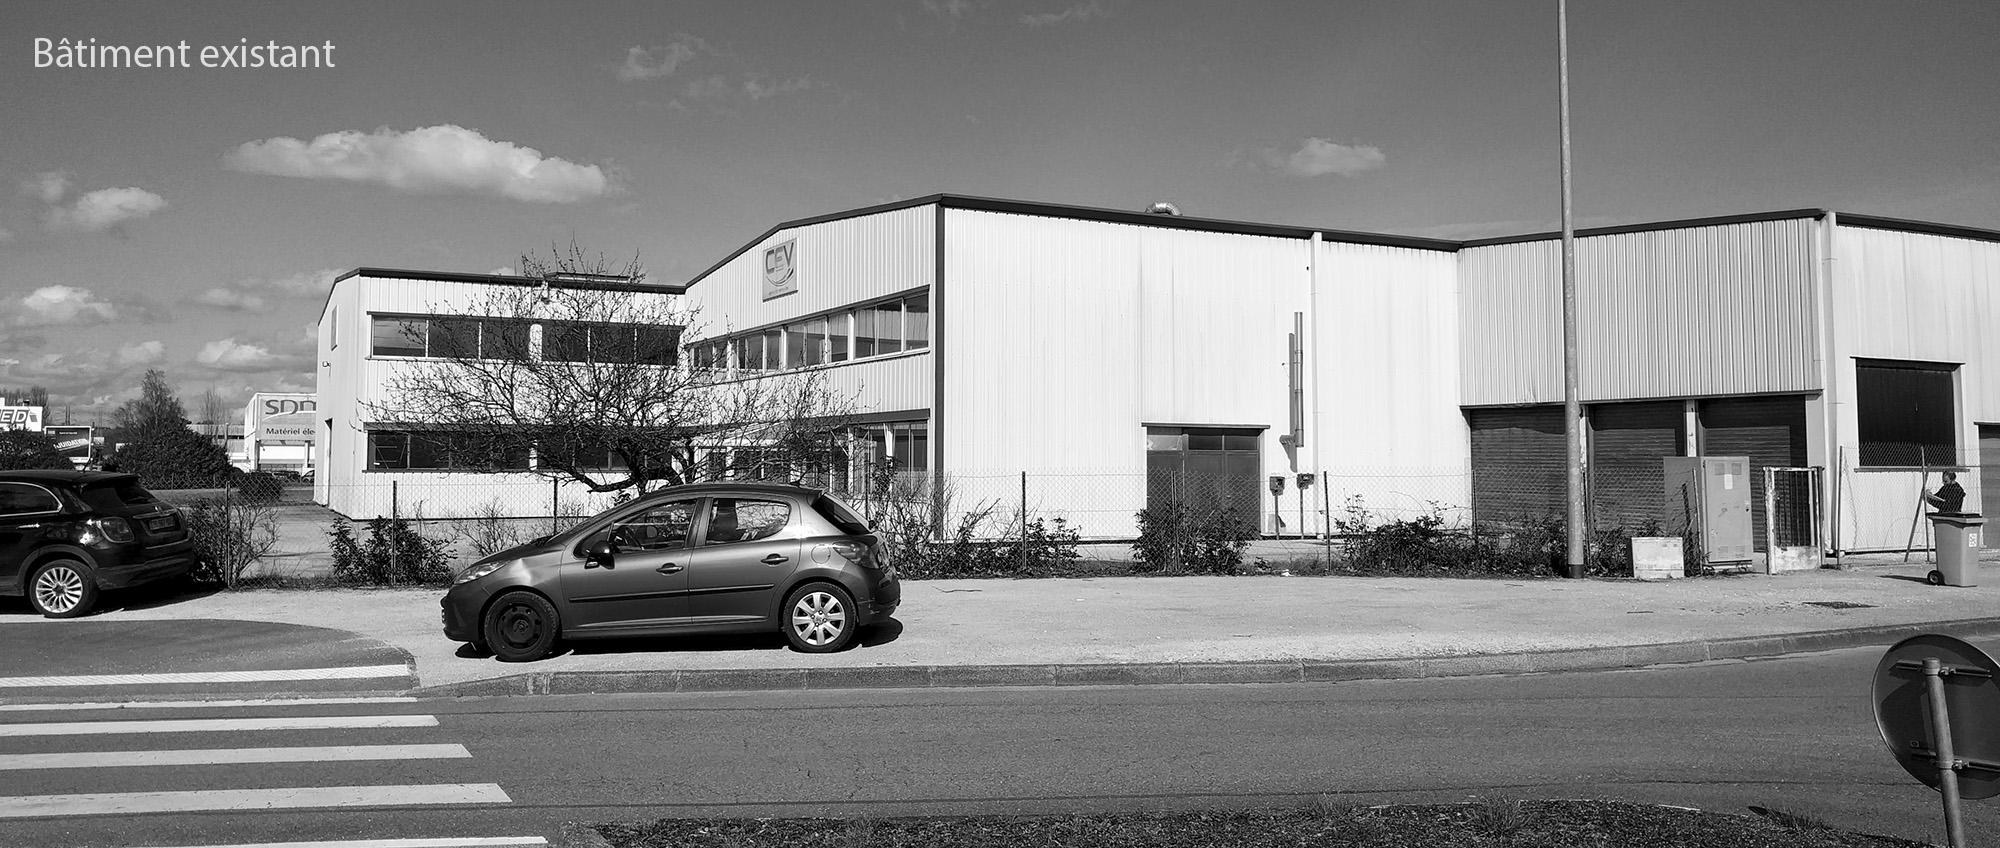 Chouette-architecture-bureaux-dijon-2000-4